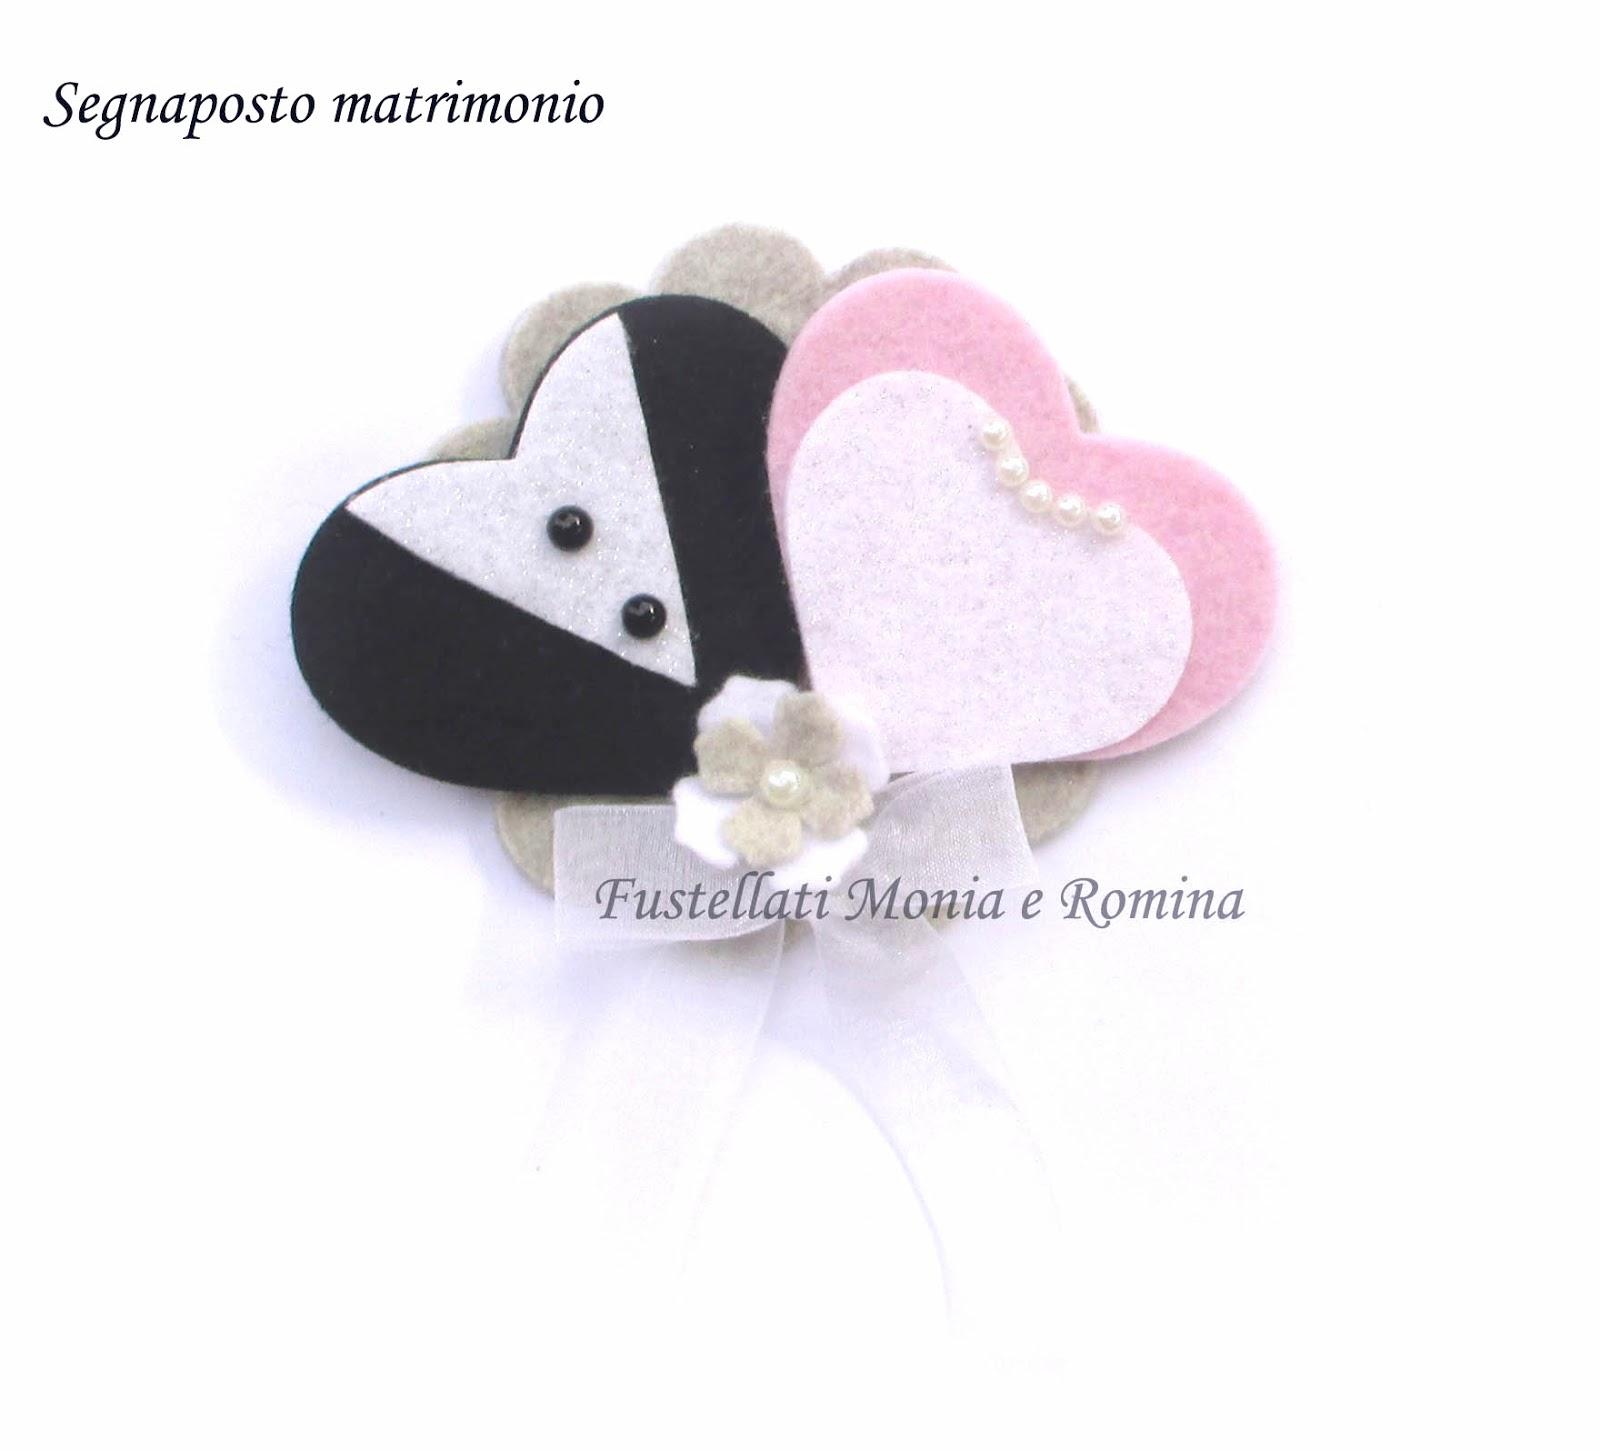 Idee originali anniversario gd37 regardsdefemmes - Idee originali per segnaposto matrimonio ...